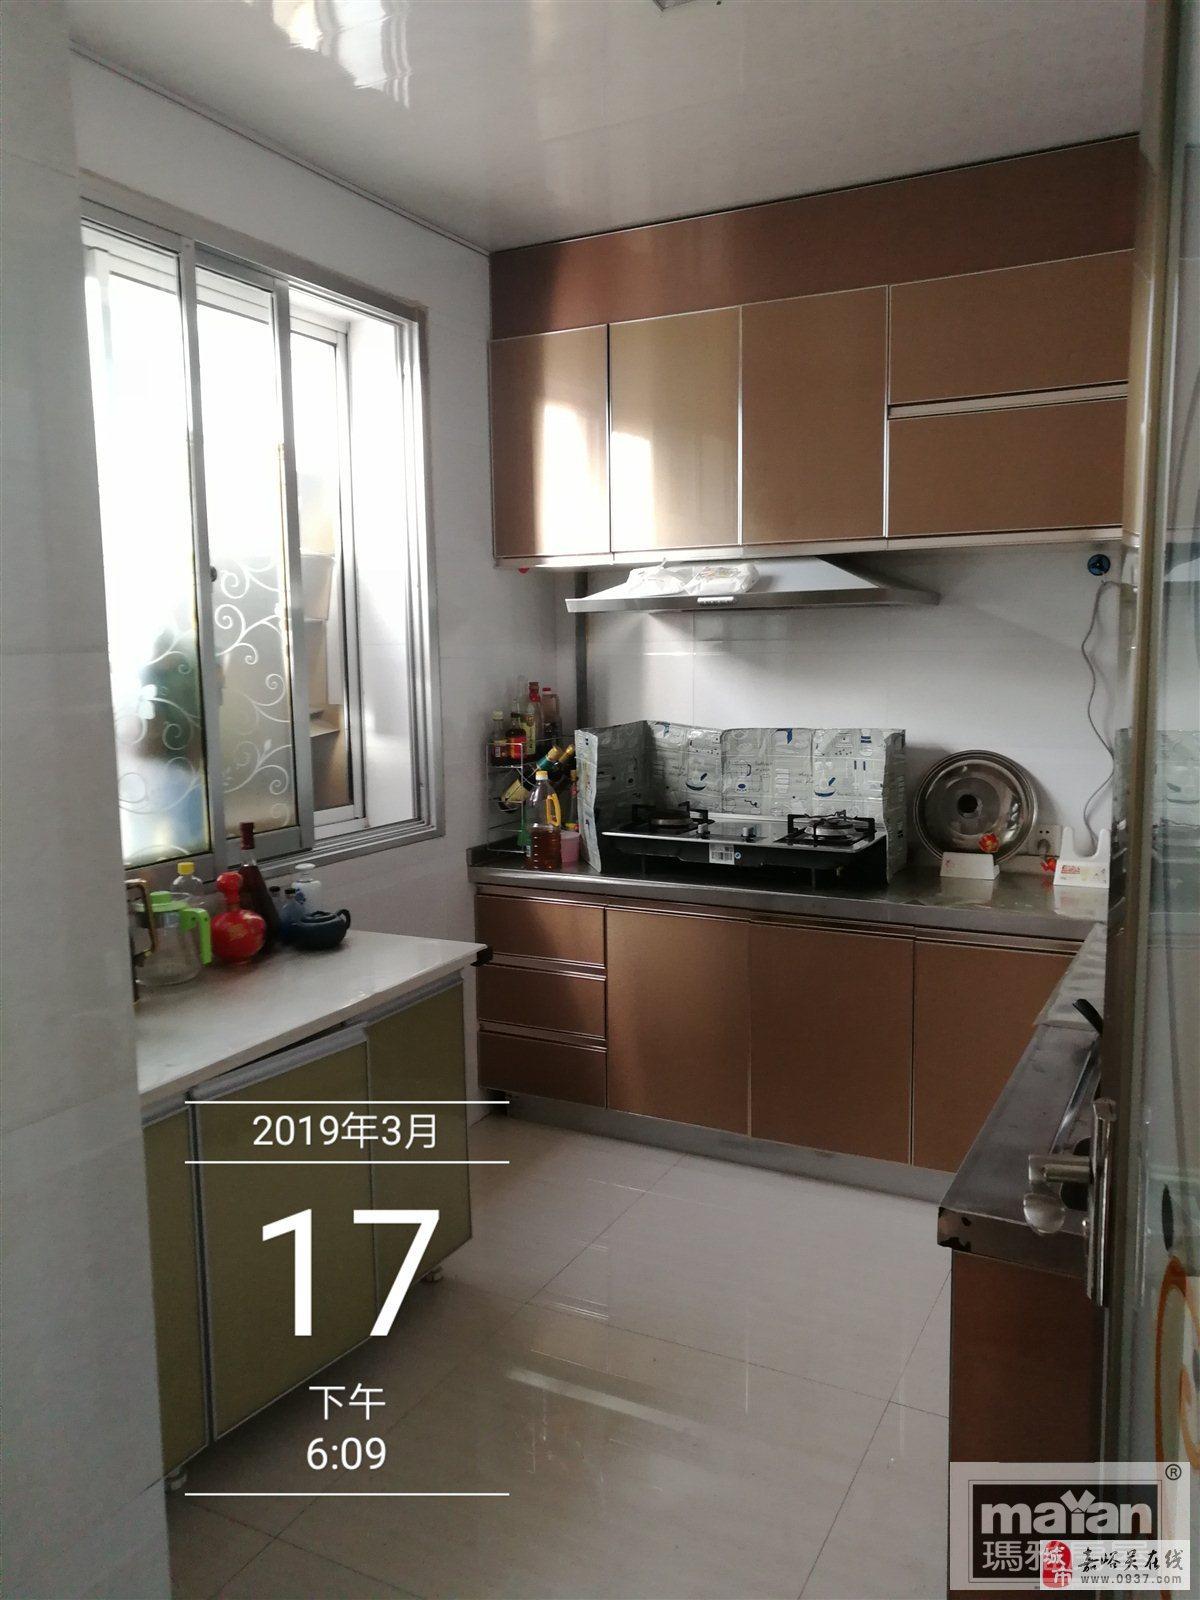 【玛雅精品推荐】五一街区3室2厅2卫55万元